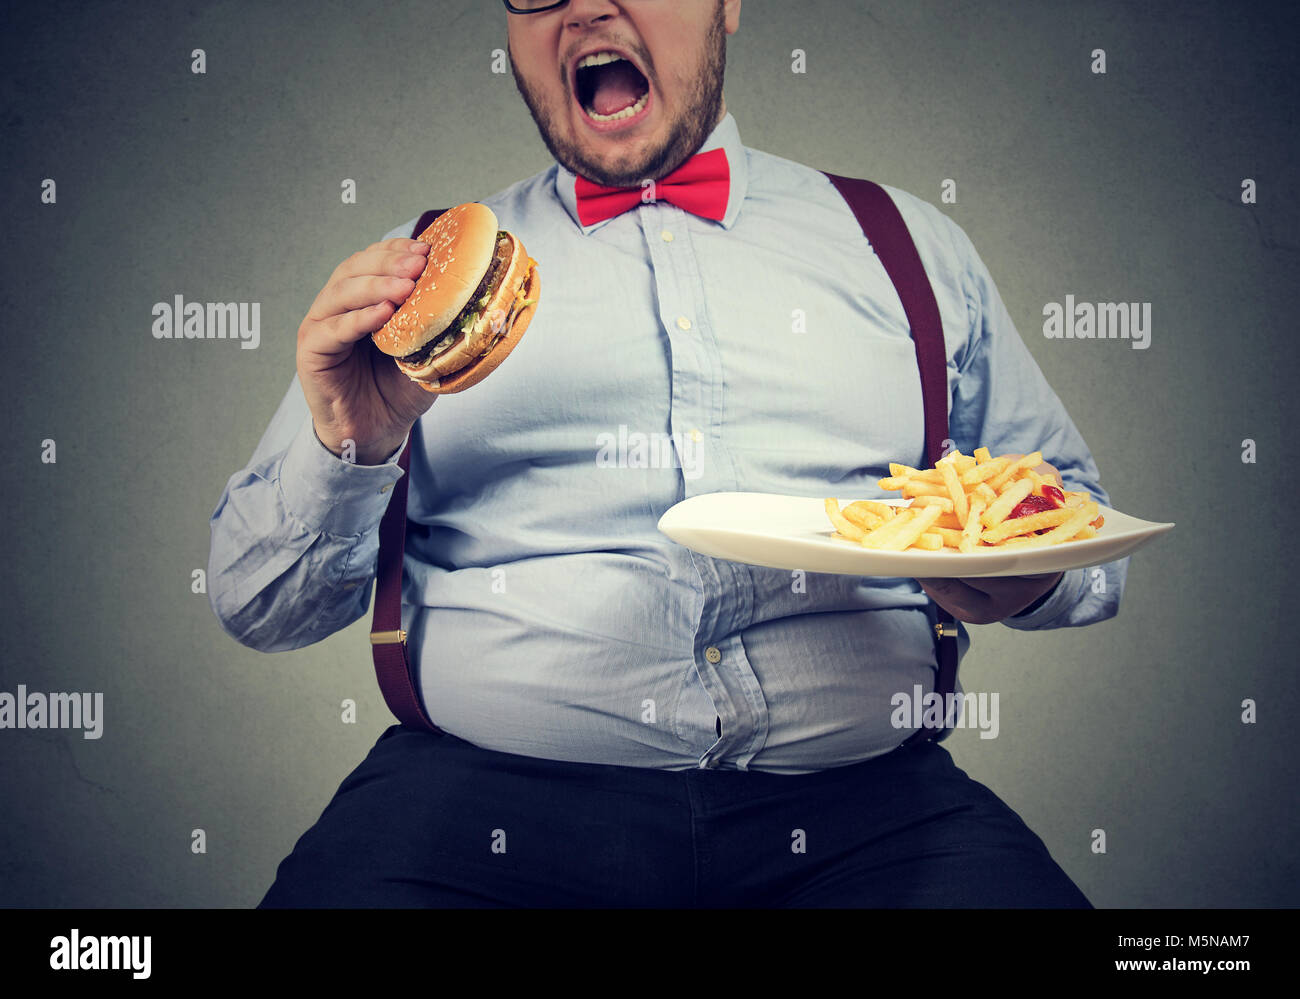 Grand homme dans des vêtements formels assis et de consommer la plaque avec restauration rapide sur gris. Photo Stock